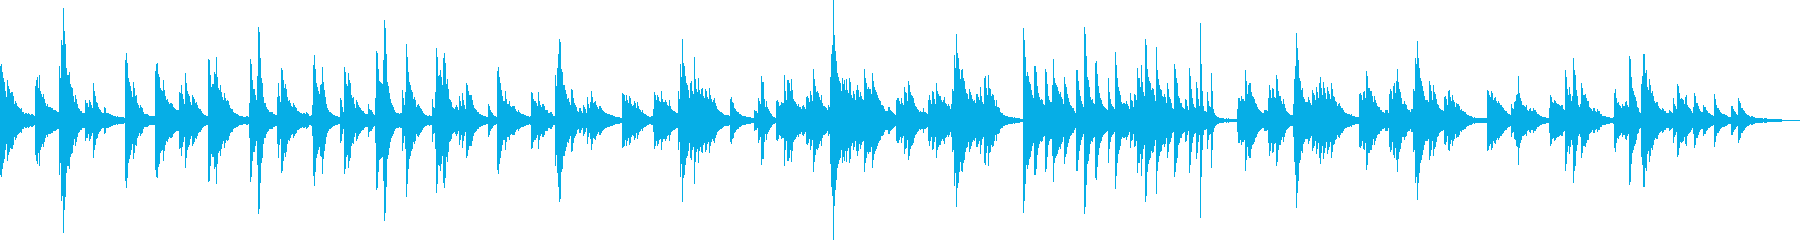 夕暮れに染まる街 (ピアノ・落ち着く)の再生済みの波形